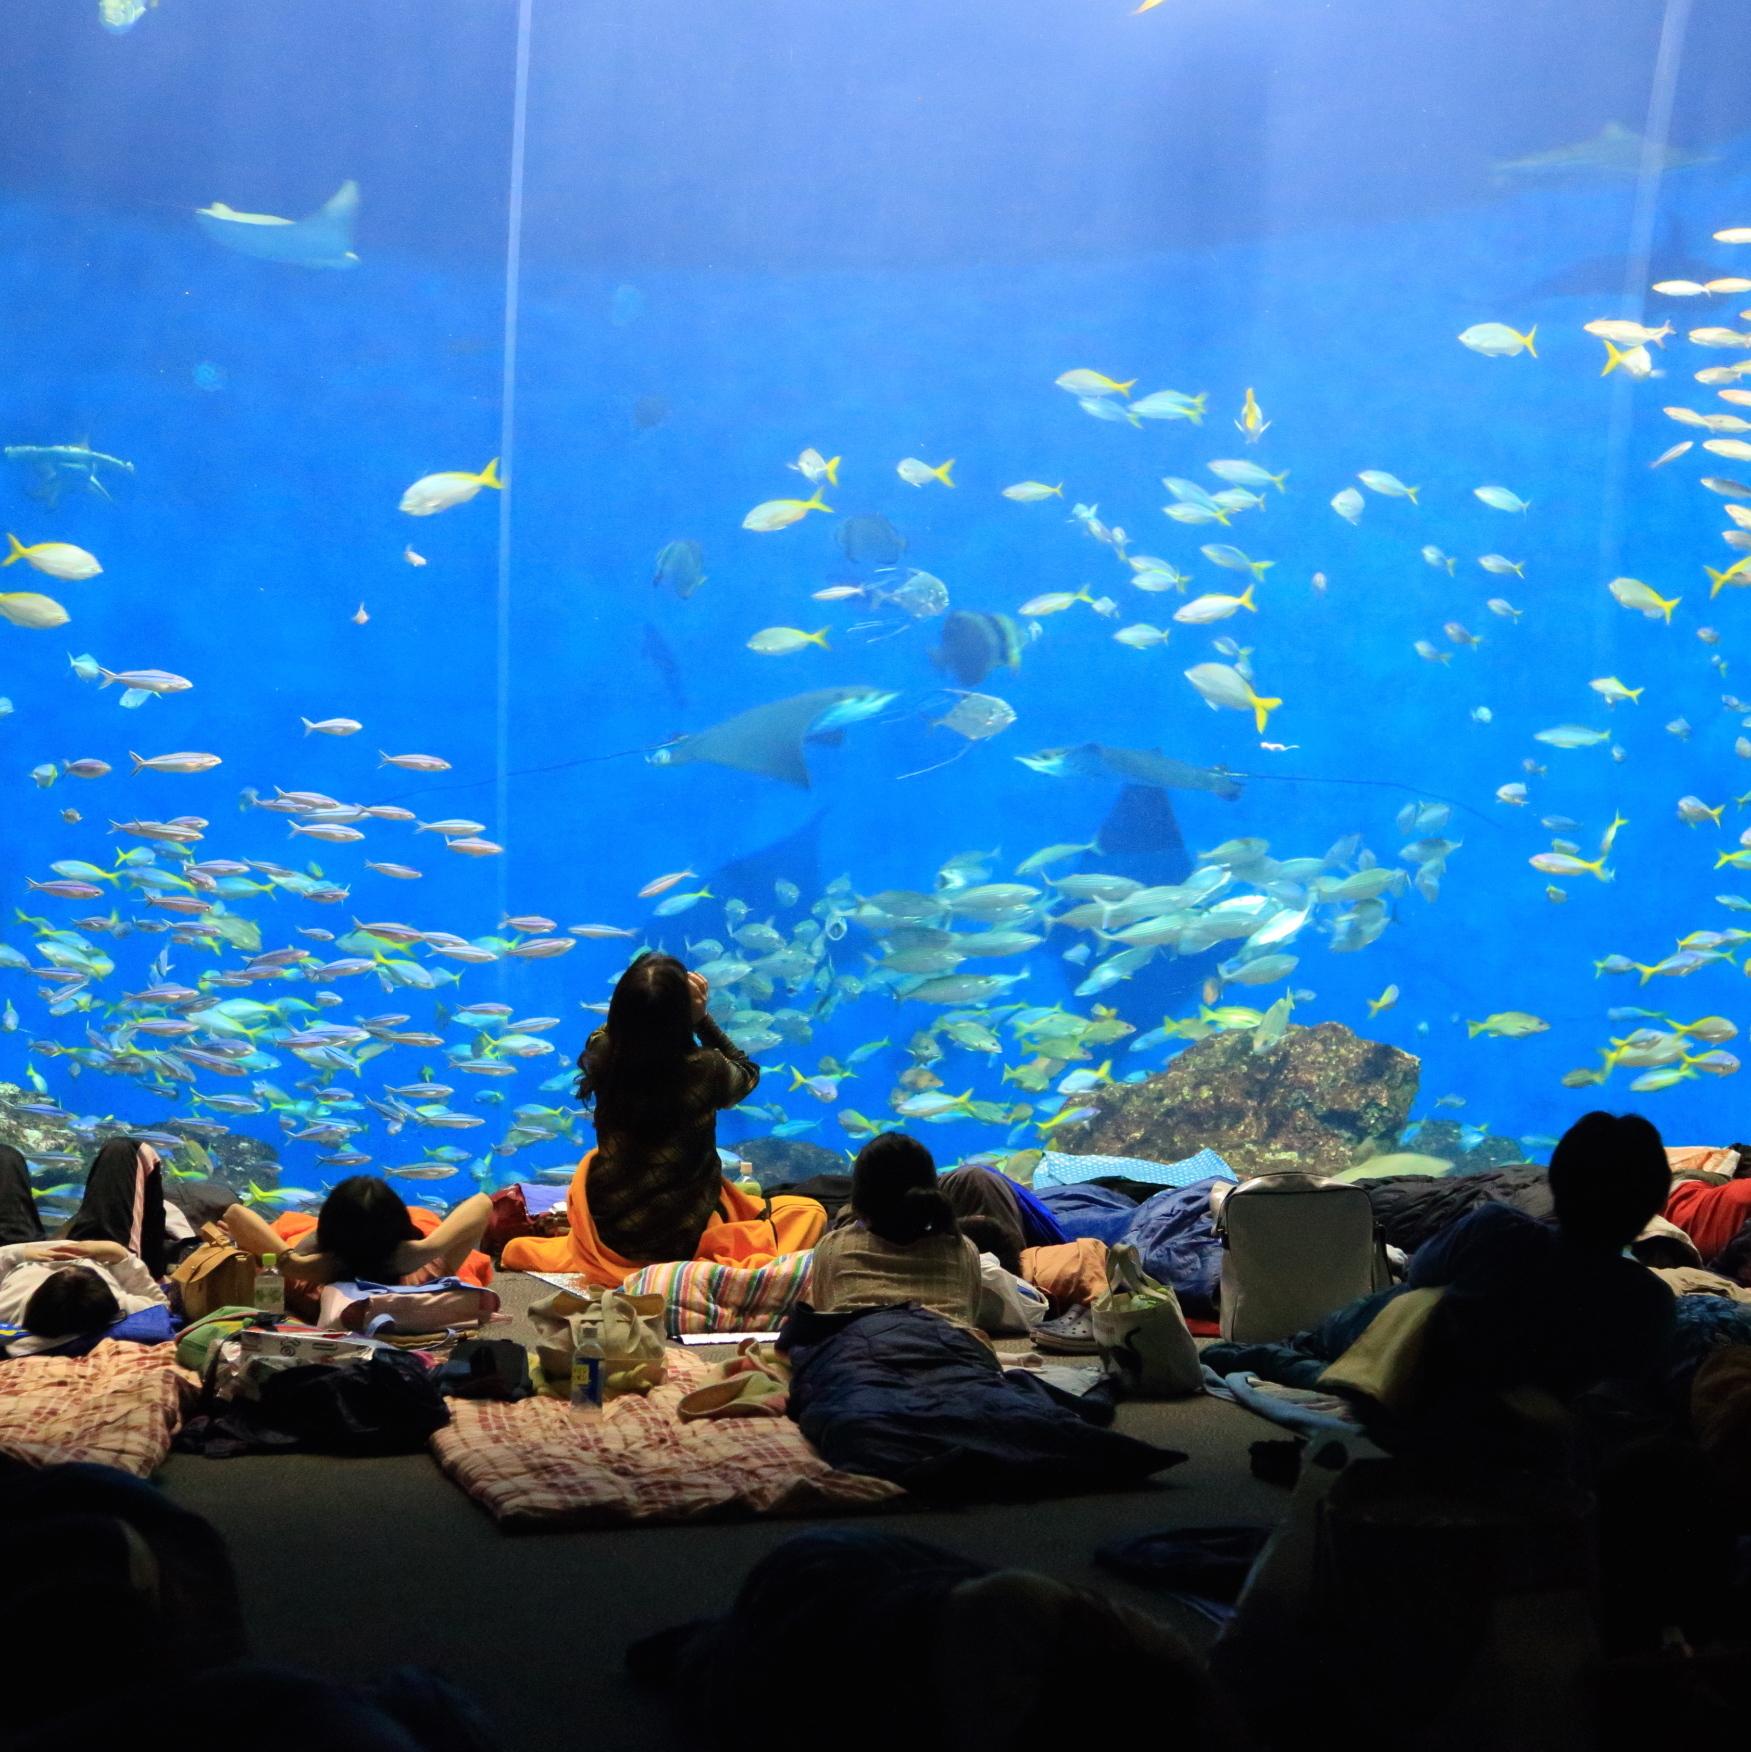 お泊まり&夜の水族館を満喫!<br />鴨川シーワールド・ナイトツアー